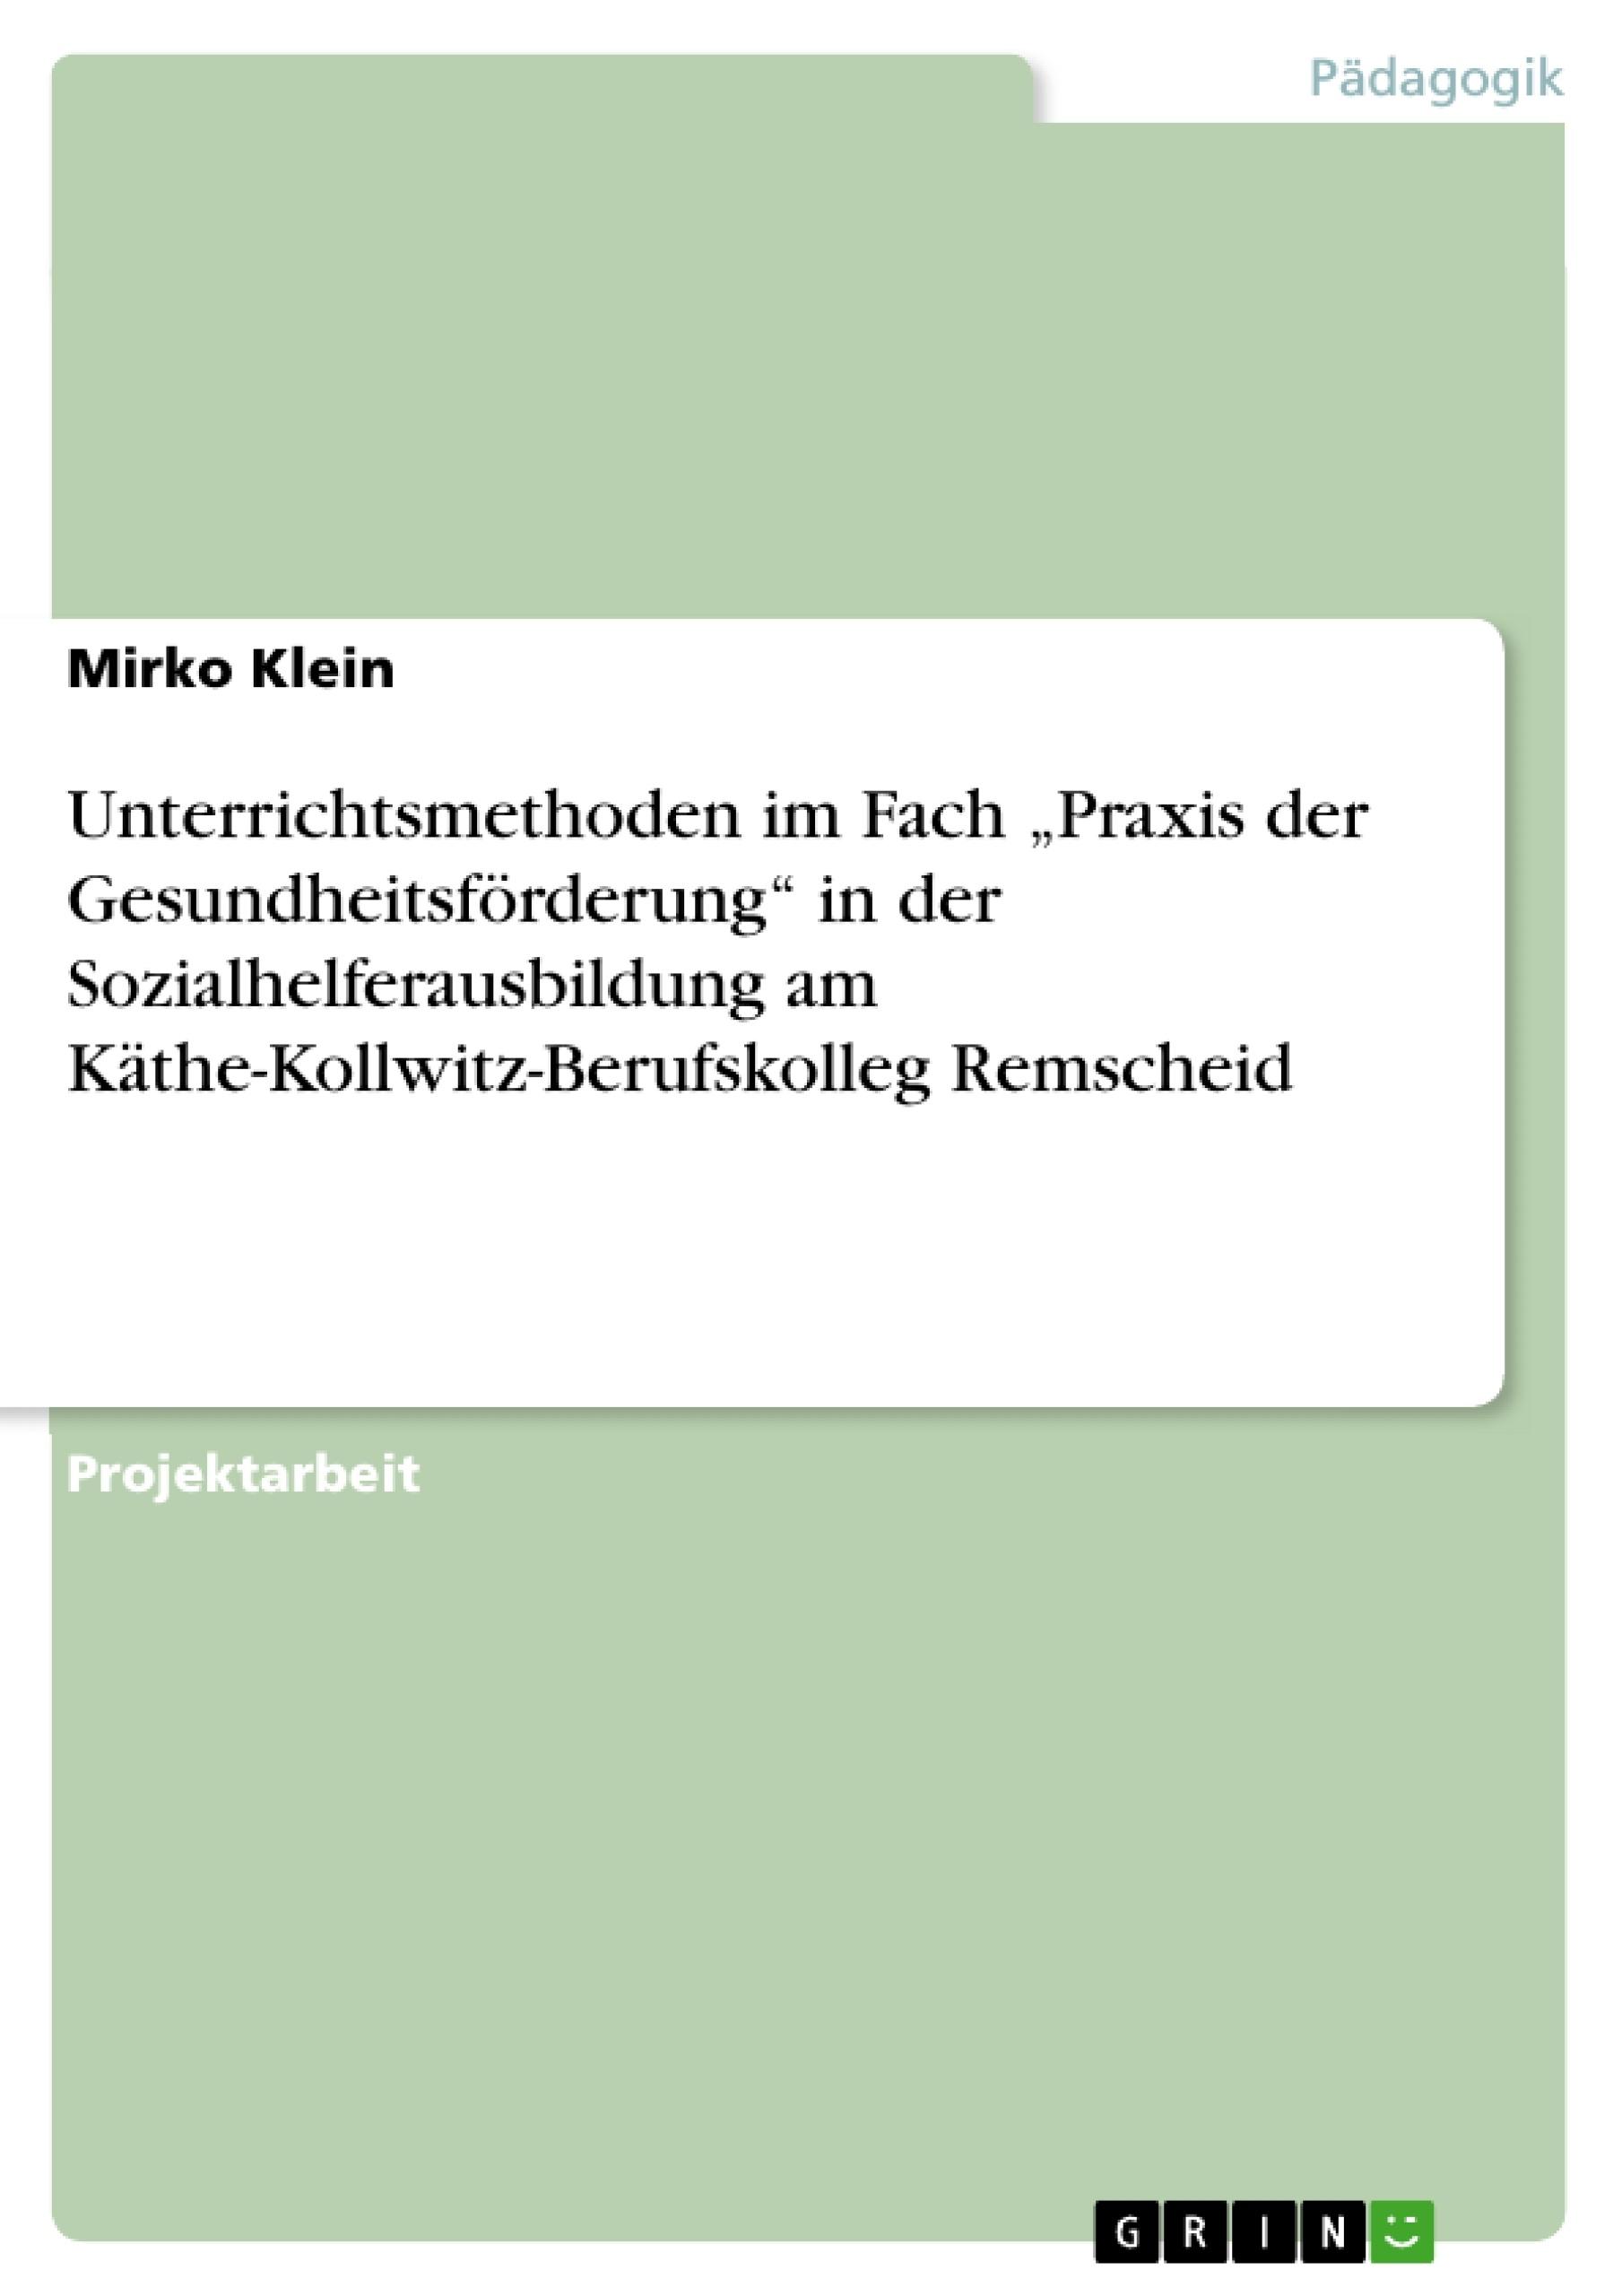 """Titel: Unterrichtsmethoden im Fach """"Praxis der Gesundheitsförderung"""" in der Sozialhelferausbildung am Käthe-Kollwitz-Berufskolleg Remscheid"""